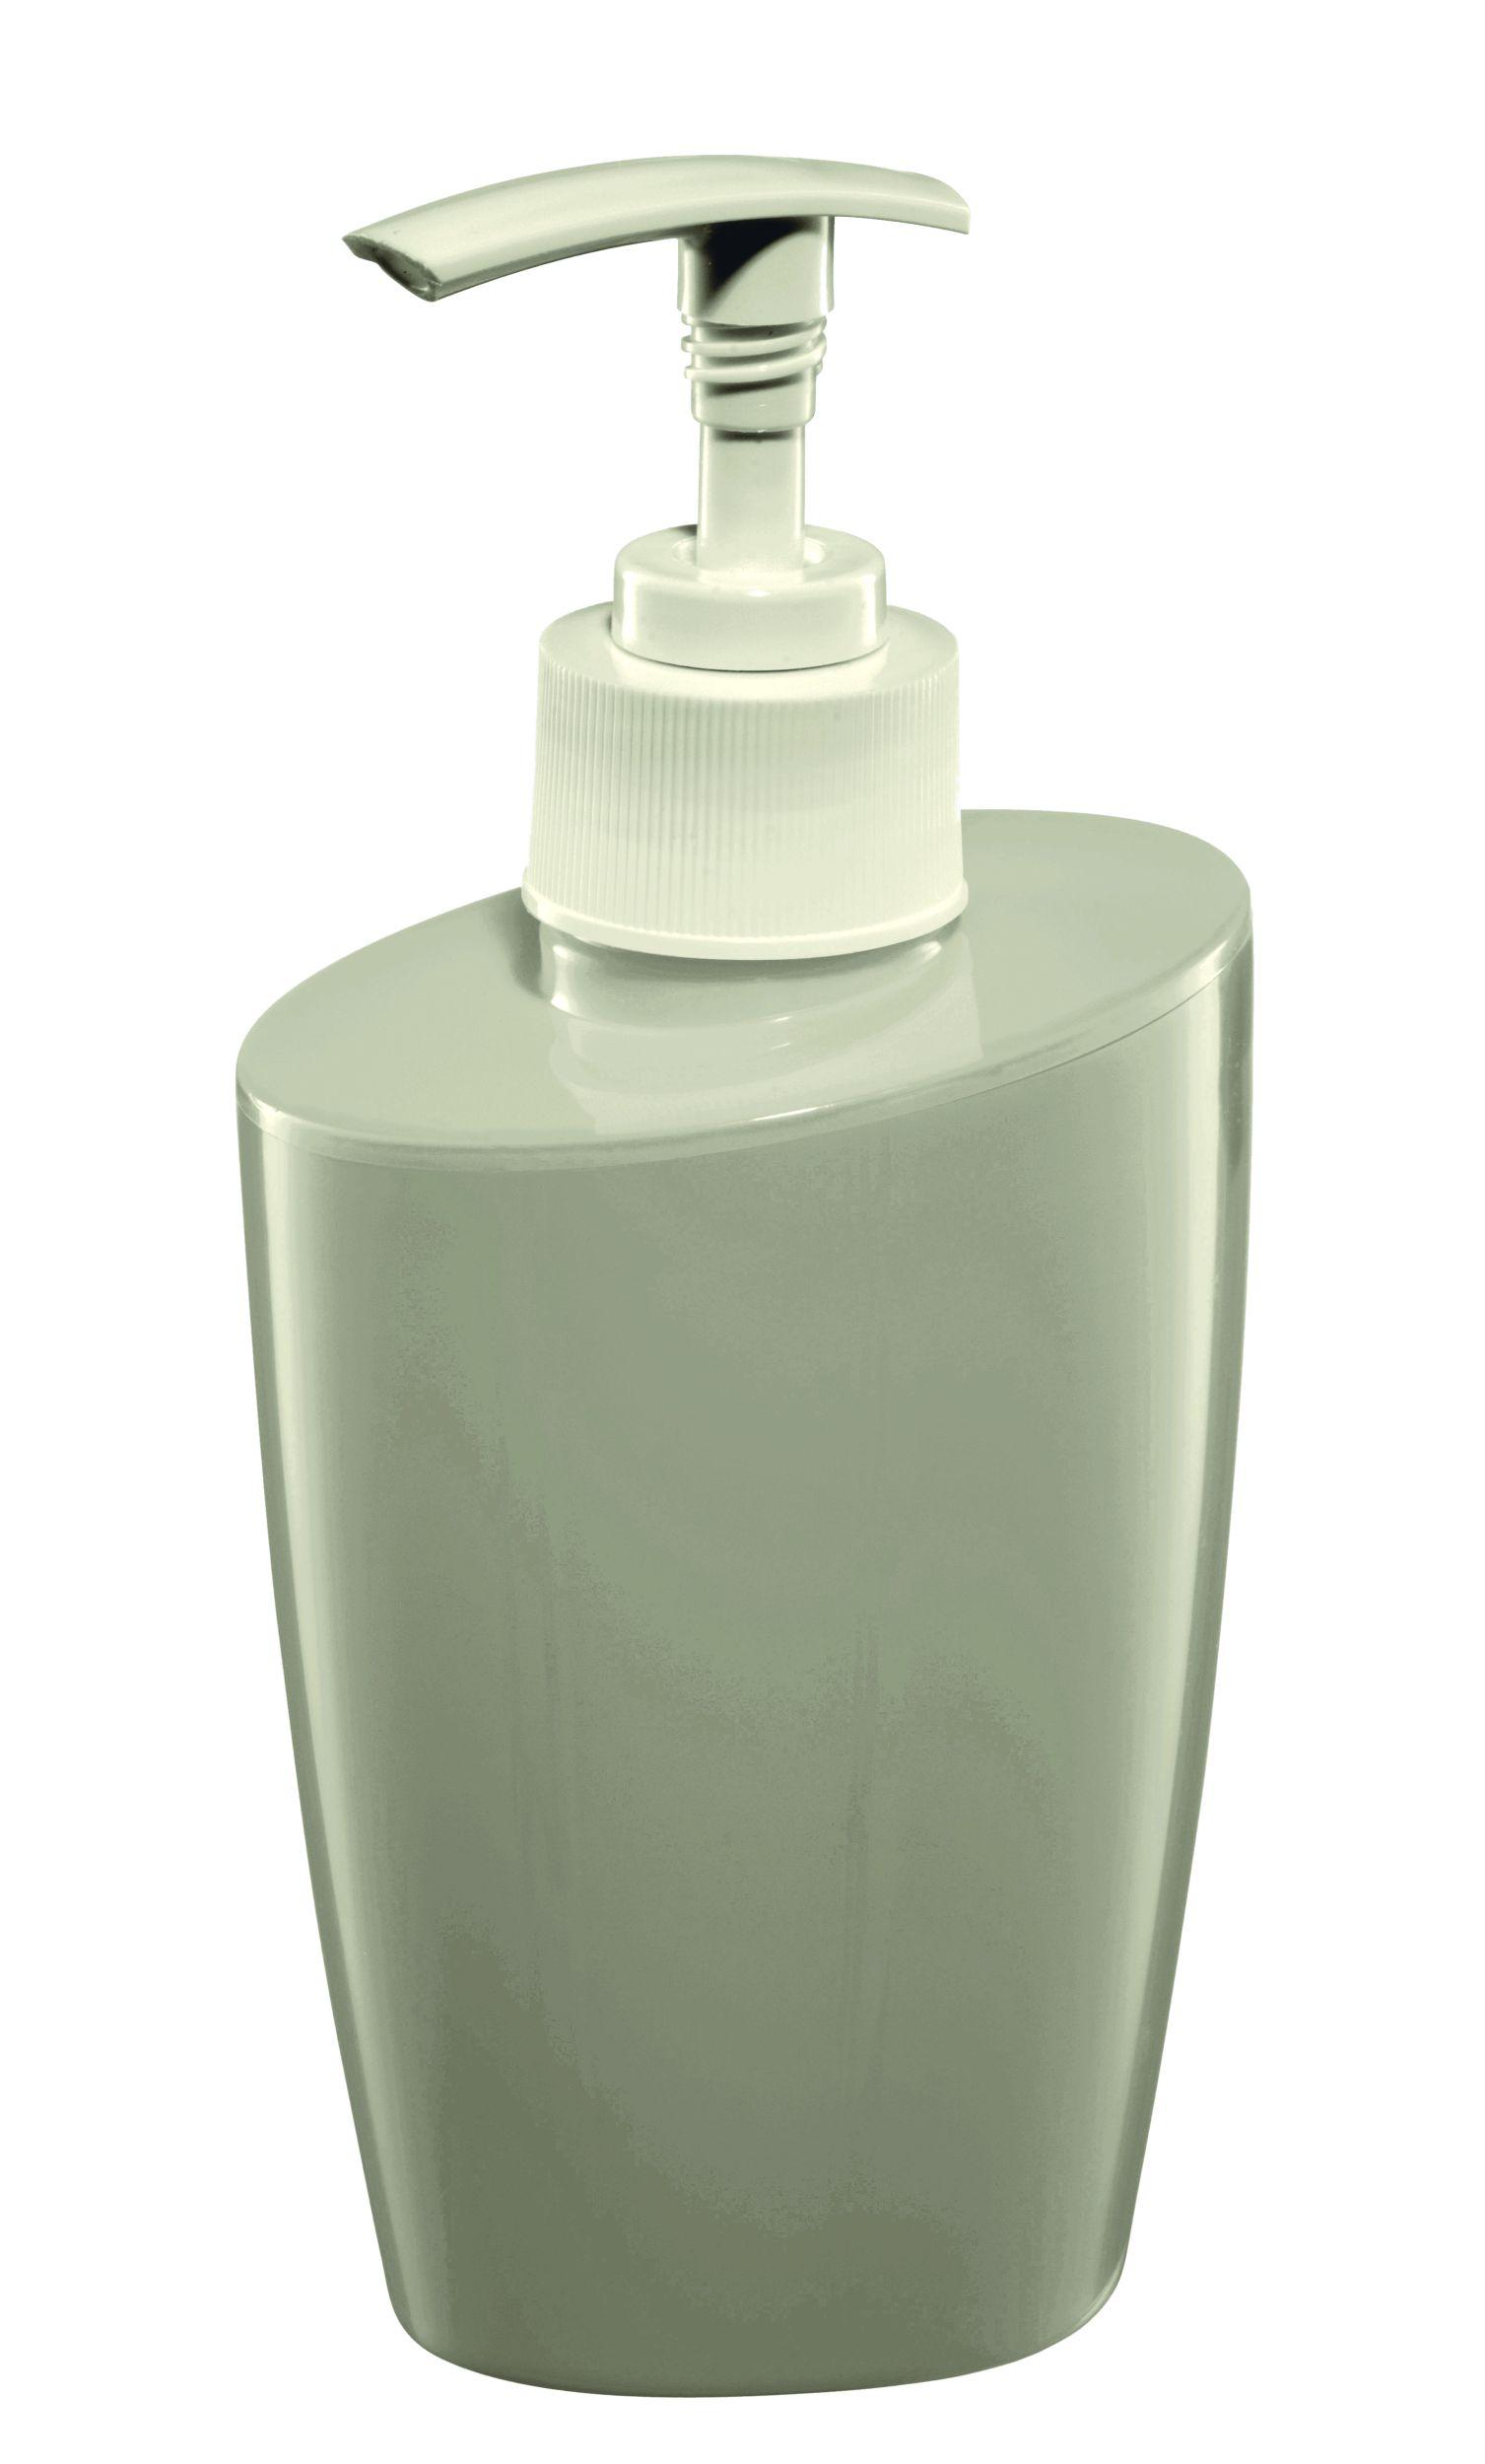 Distributeur de savon vert